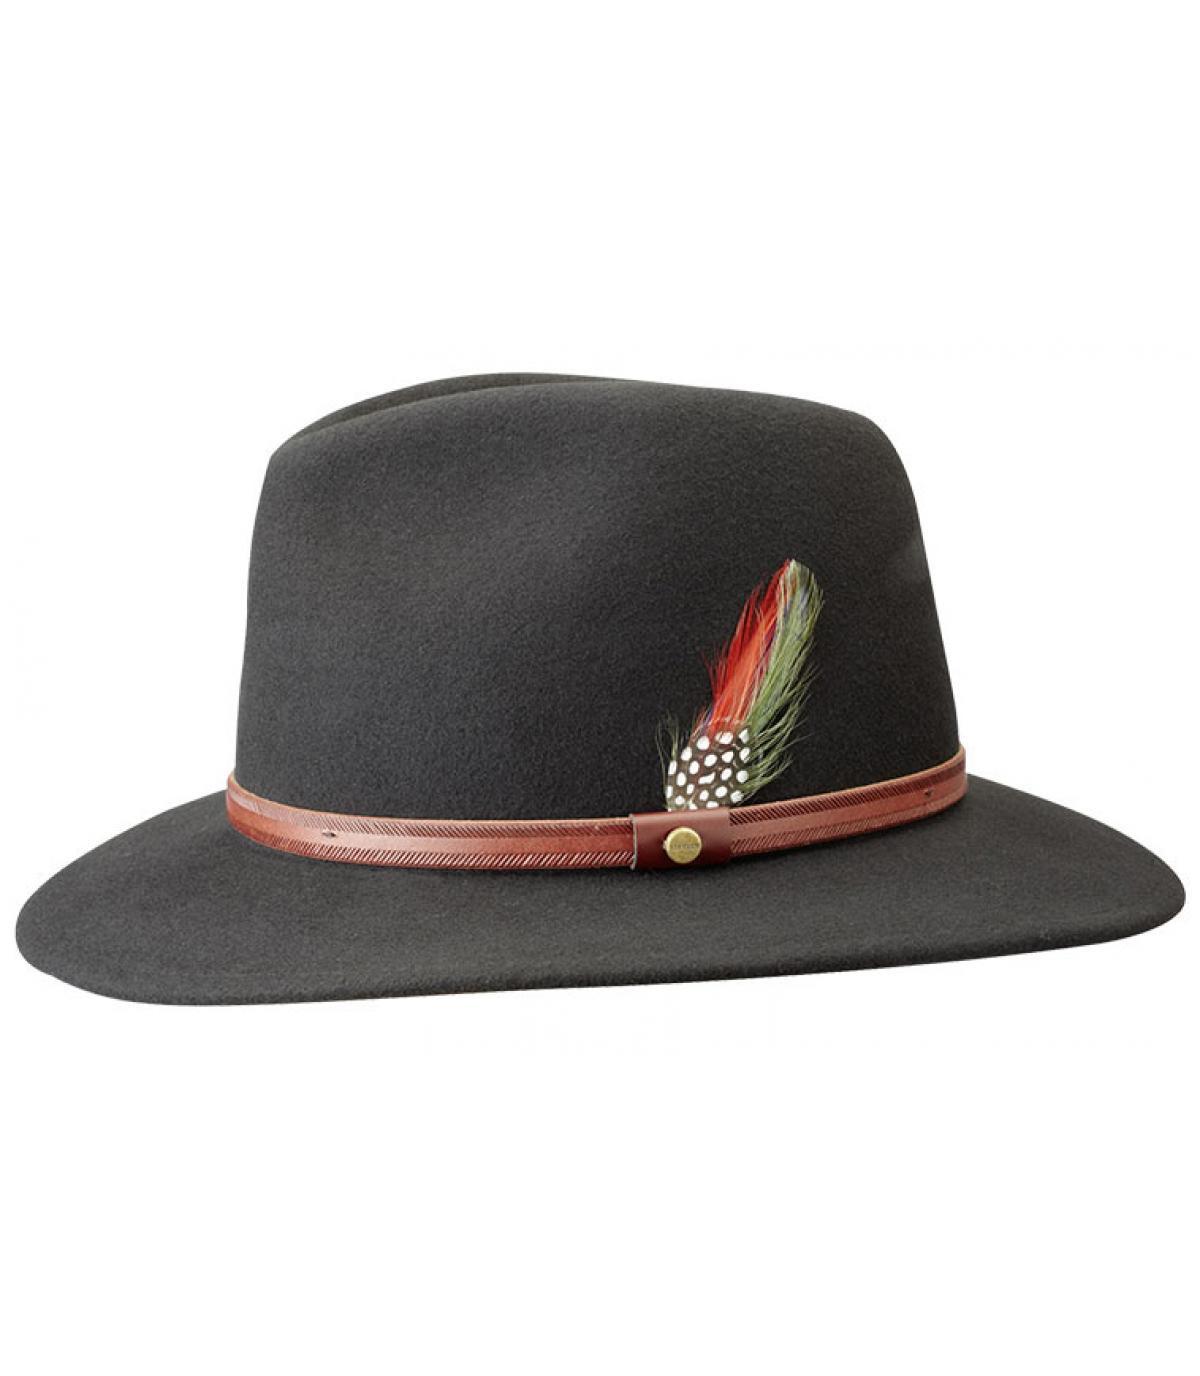 Cappello feutre stetson